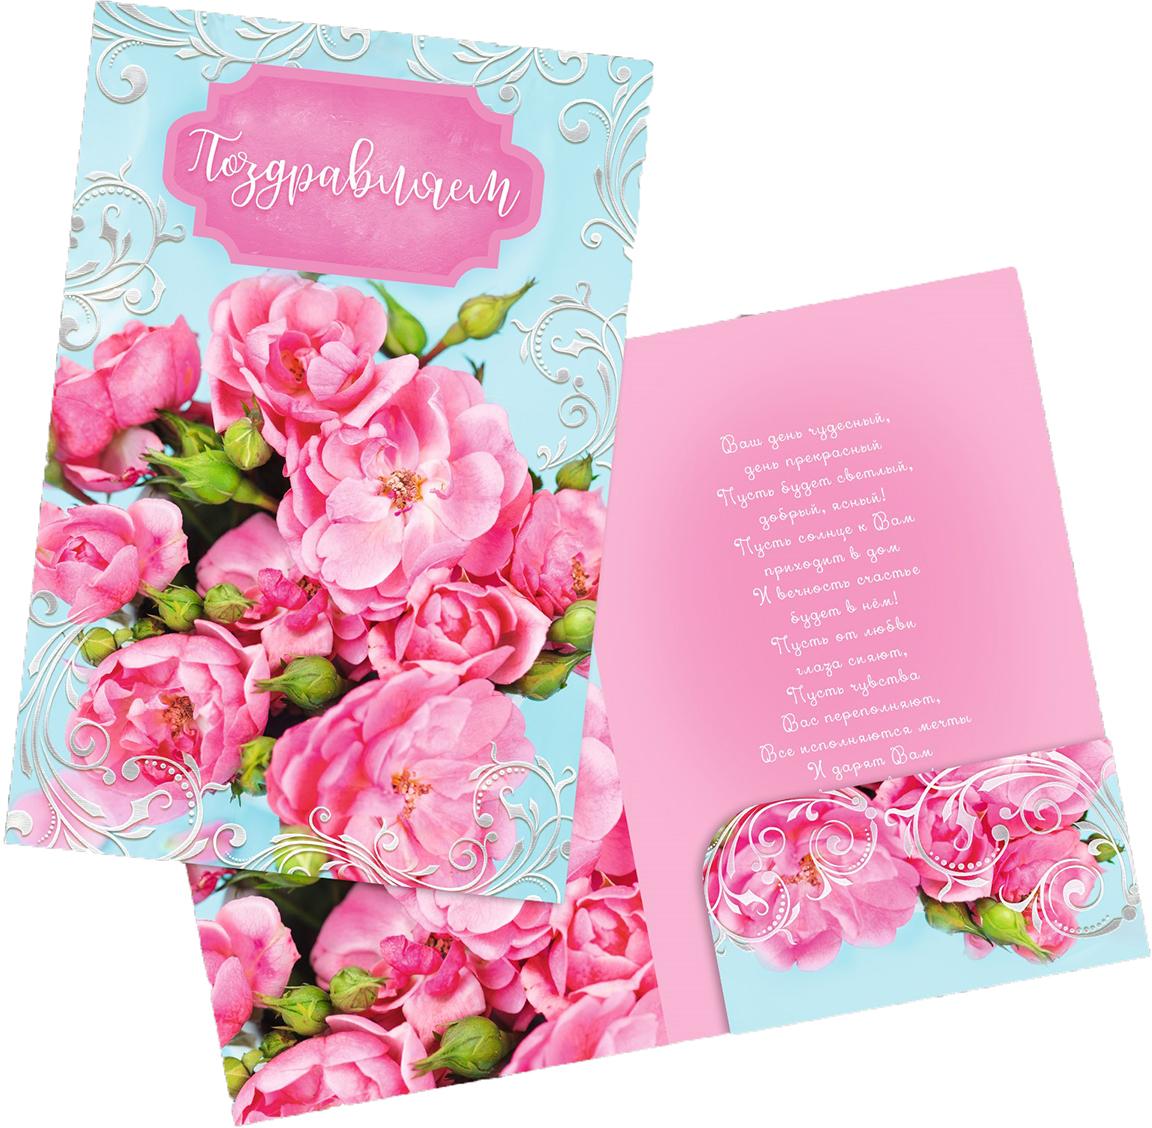 Открытка Дарите Счастье Розовый букетик, 190 х 290 мм2918969Выразить свои чувства и дополнить основной подарок тёплыми словами вам поможет Открытка . С ней ваше пожелание «Счастья, любви и здоровья» приобретёт трепетный и душевный подтекст. А воспоминания о праздничном дне ещё долго будут радовать адресата.Среди нашего ассортимента печатной поздравительной продукции вы выберете открытку для любого праздника и повода.